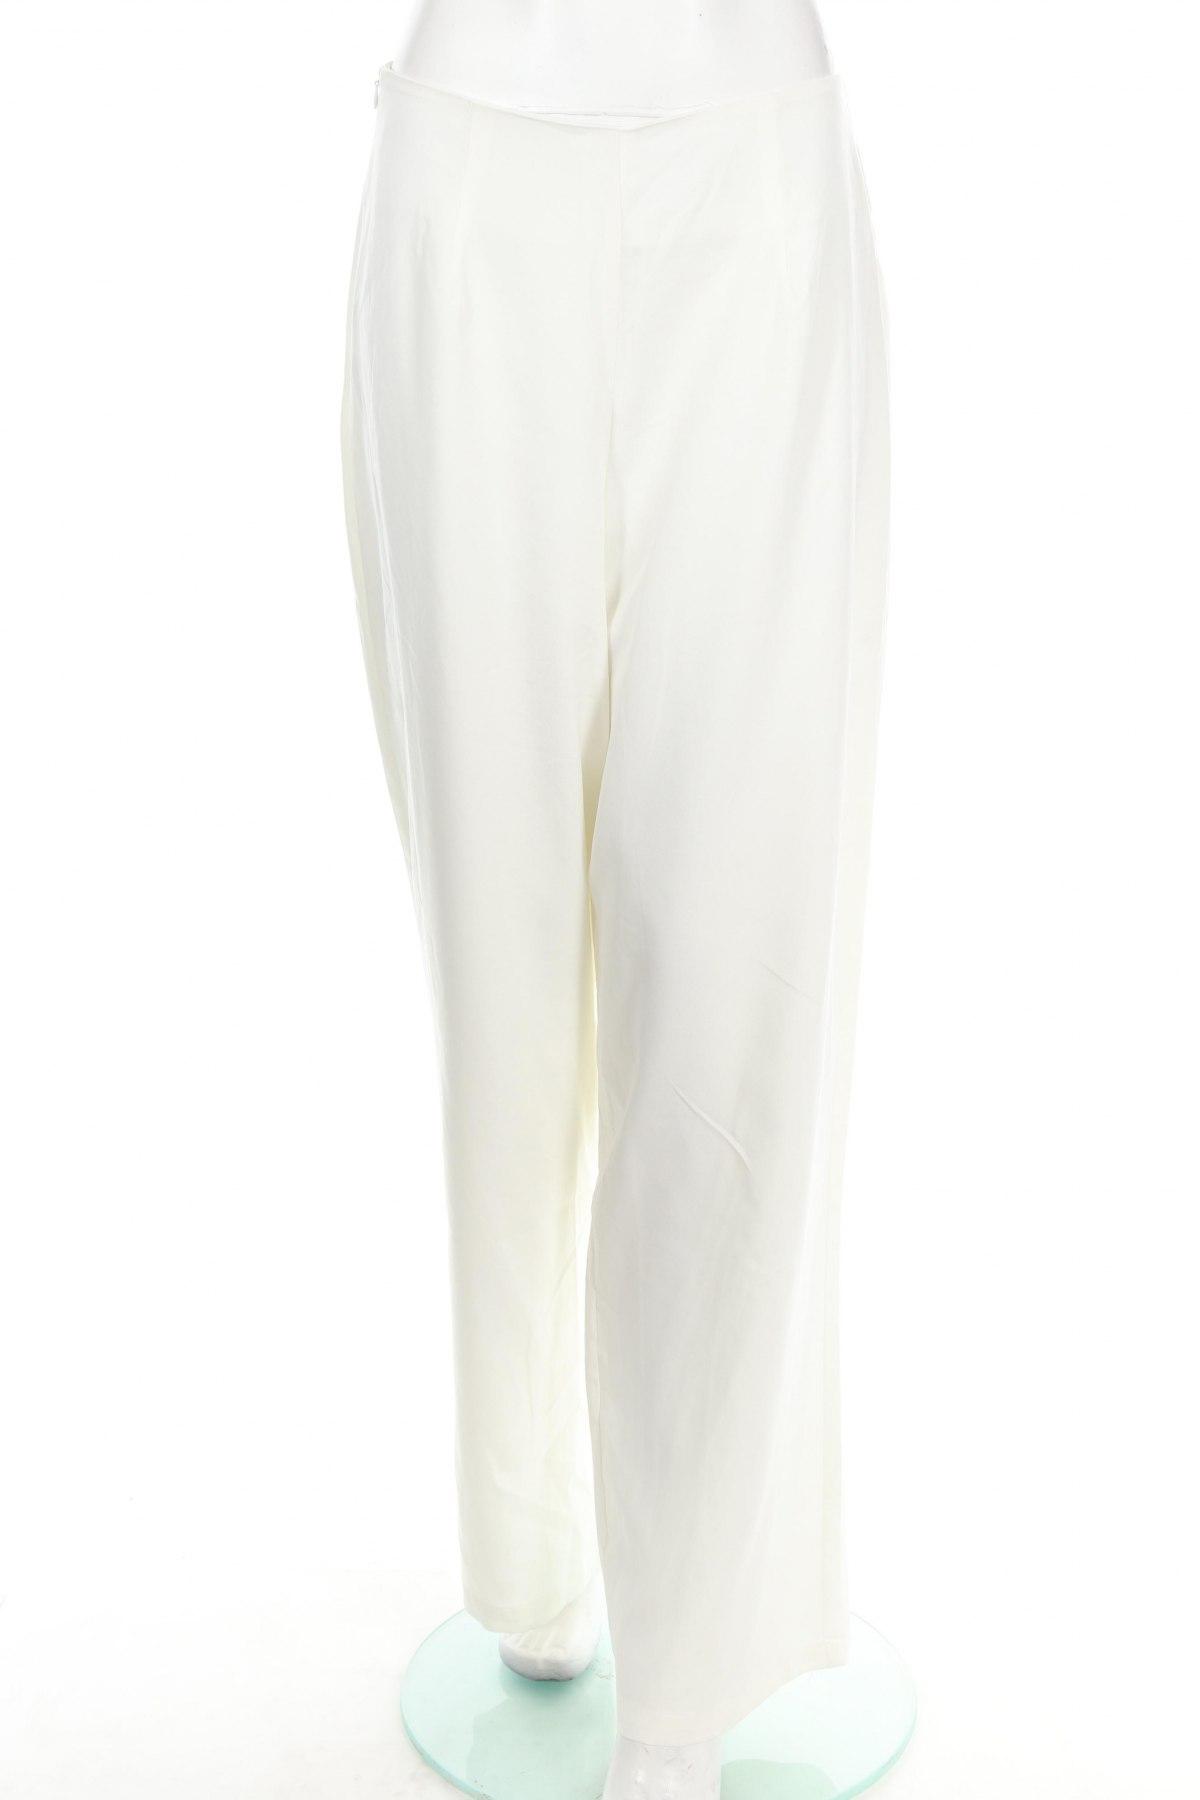 Дамски панталон Usha, Размер L, Цвят Бял, 92% полиестер, 8% еластан, Цена 13,85лв.